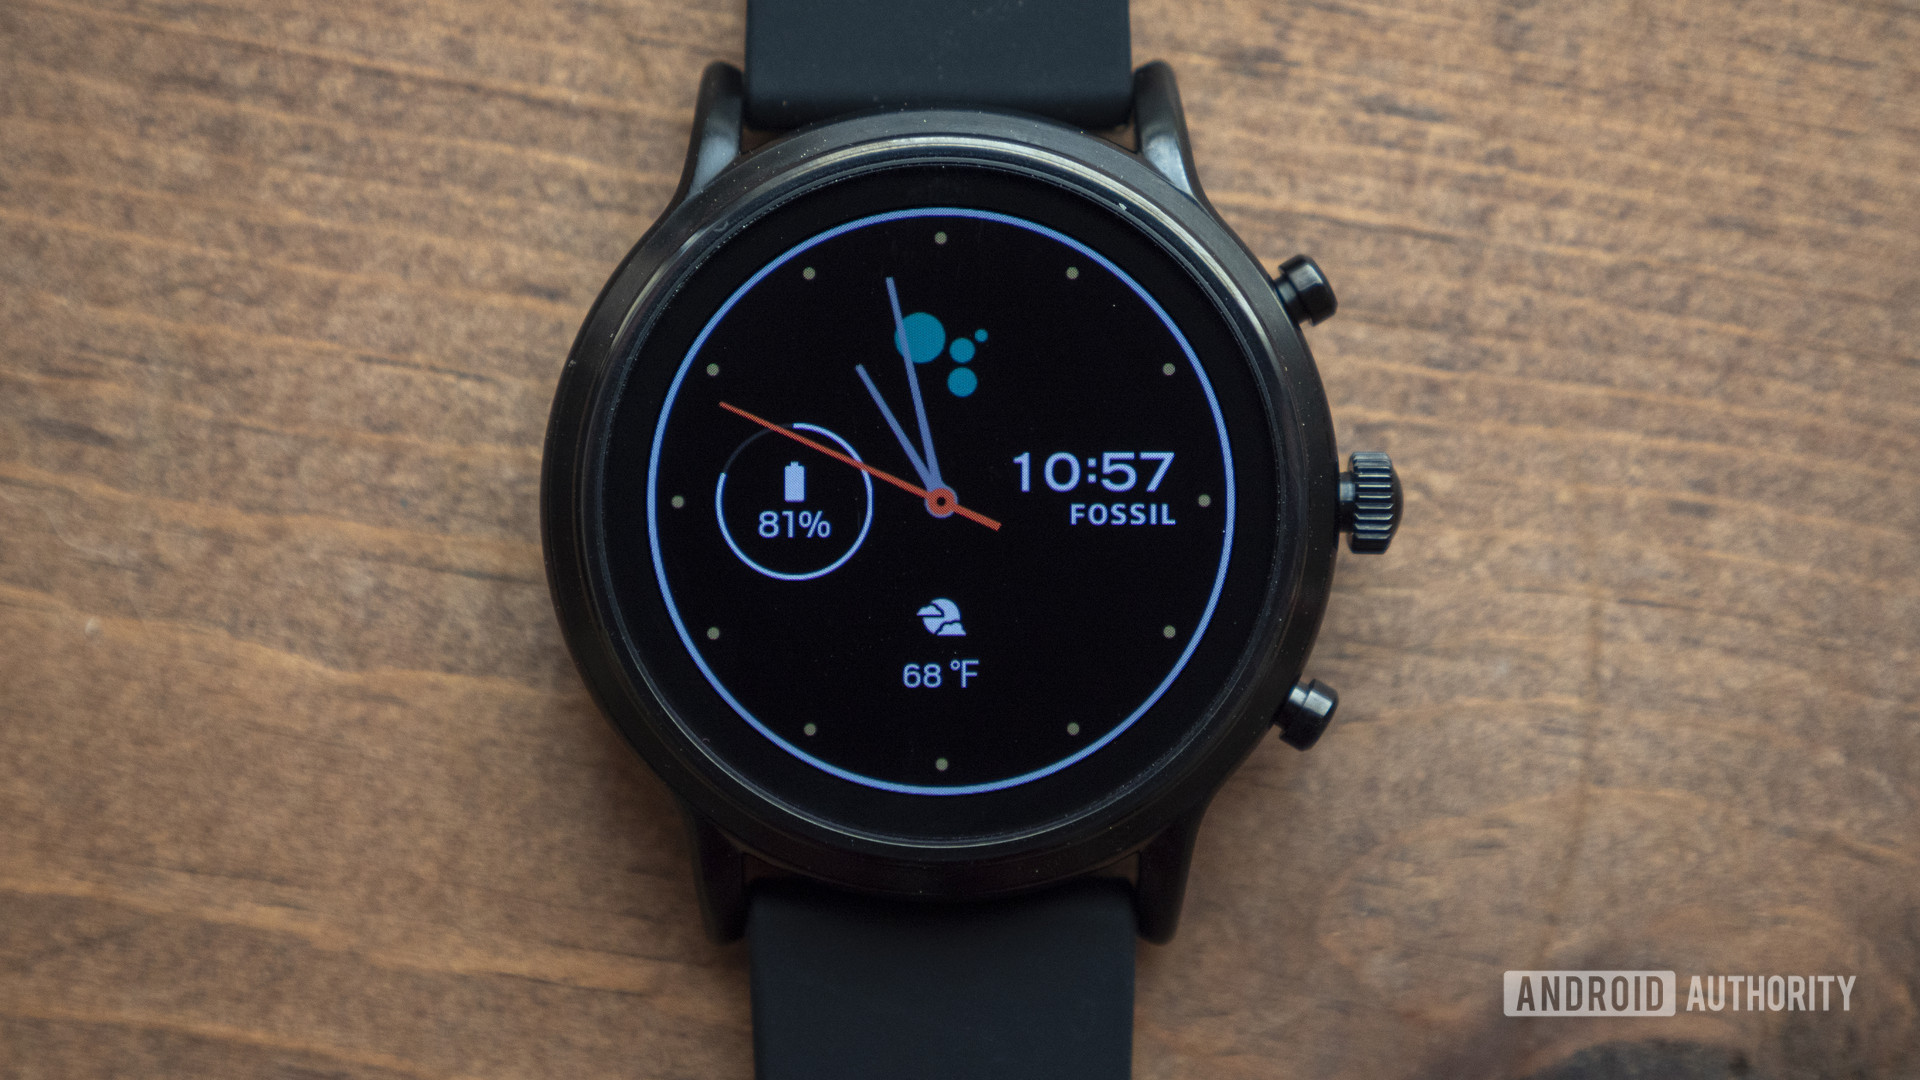 Đánh giá đồng hồ thông minh Fossil gen 5 mặt đồng hồ hiển thị 5